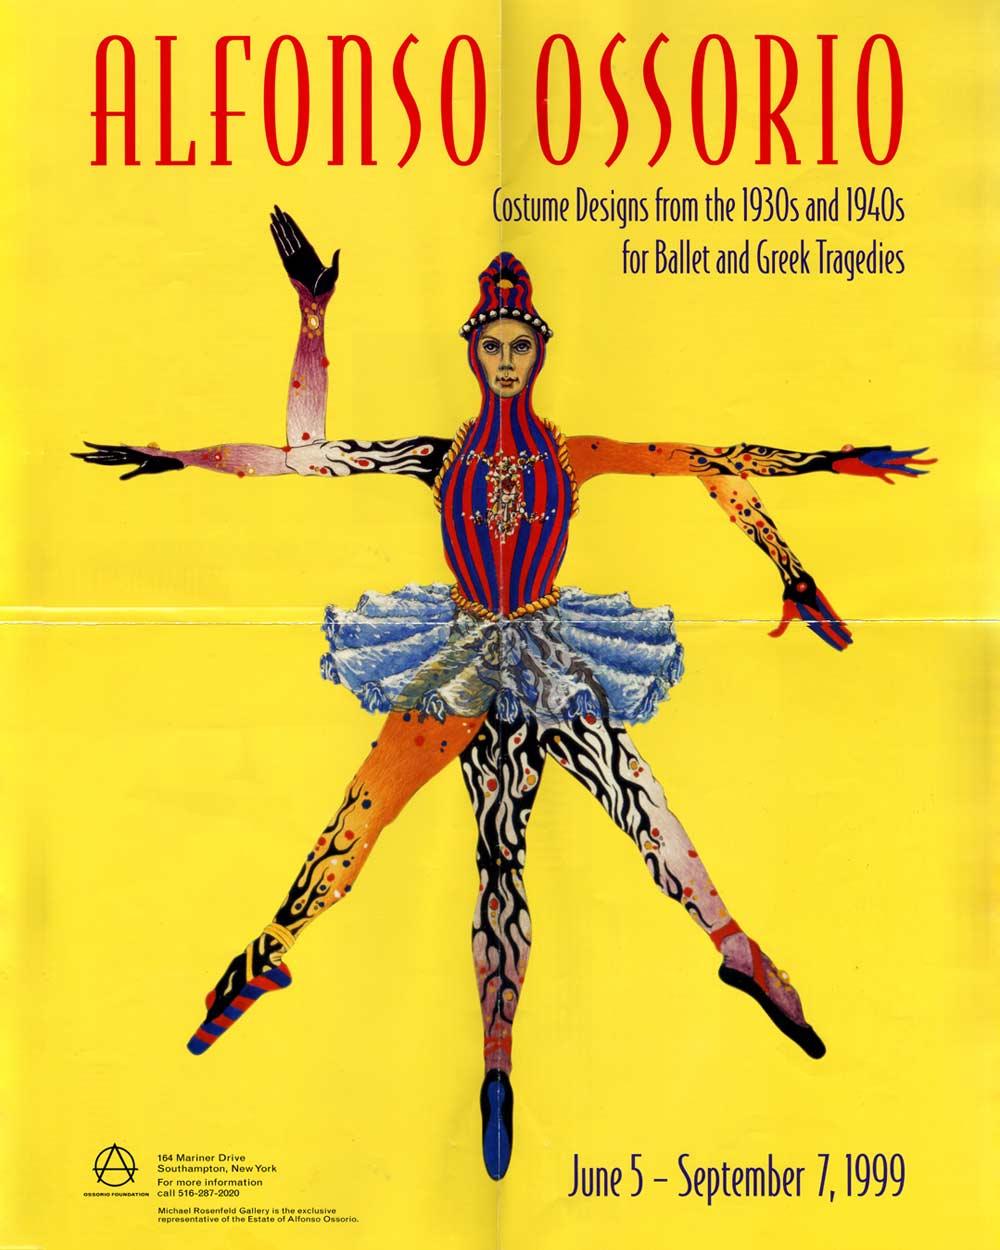 AO_99_Alfonso_Ossorio_Costume_Designs_poster.jpg